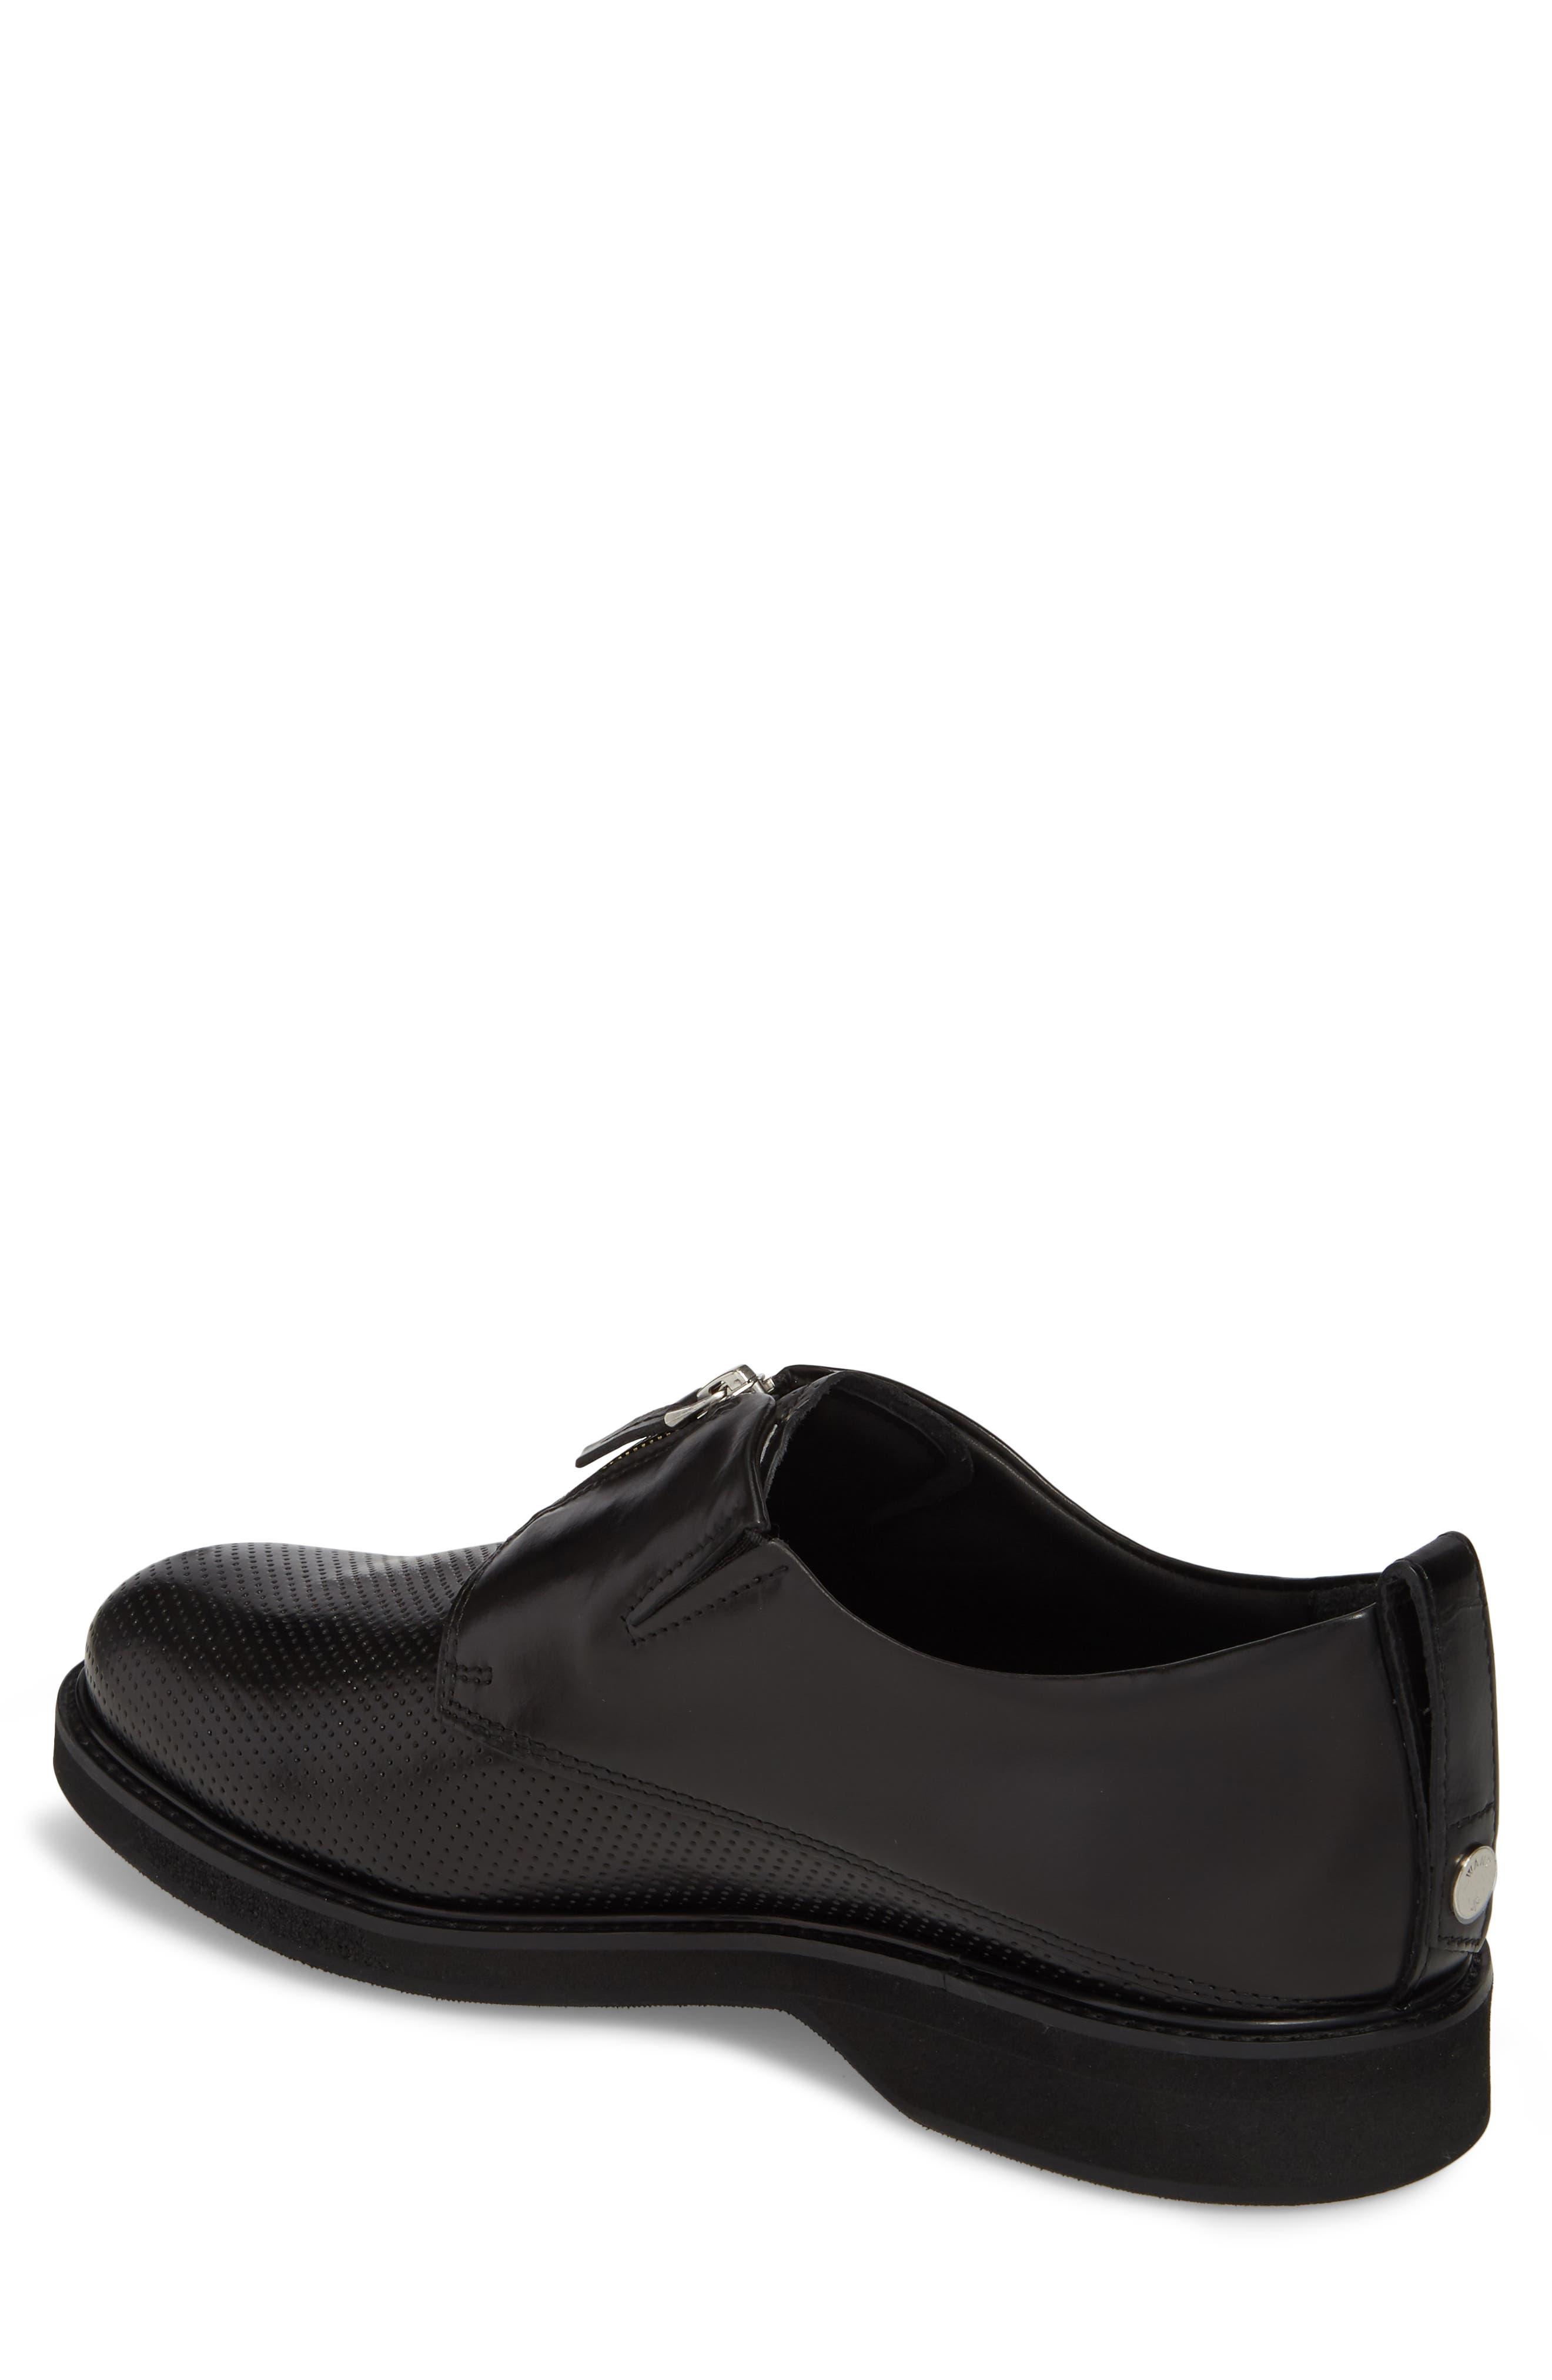 Alternate Image 2  - WANT LES ESSENTIELS Zipped Derby Shoe (Men)